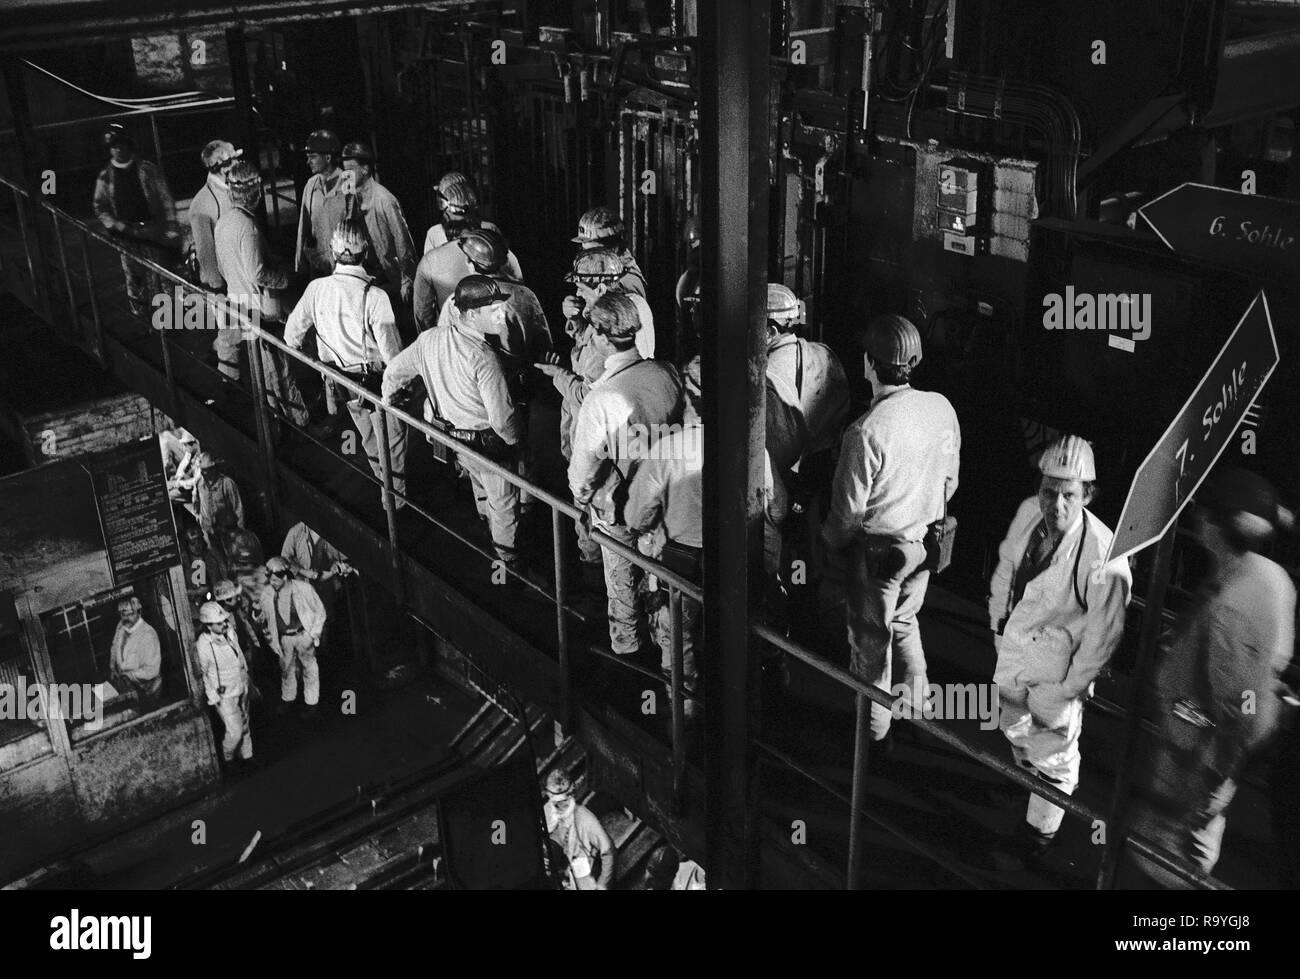 03.04.1993, Hamm, Nordrhein-Westfalen, Deutschland - Bergleute warten auf die Einfahrt unter Tage, Steinkohlen-Bergwerk Zeche Heinrich-Robert der Ruhr - Stock Image